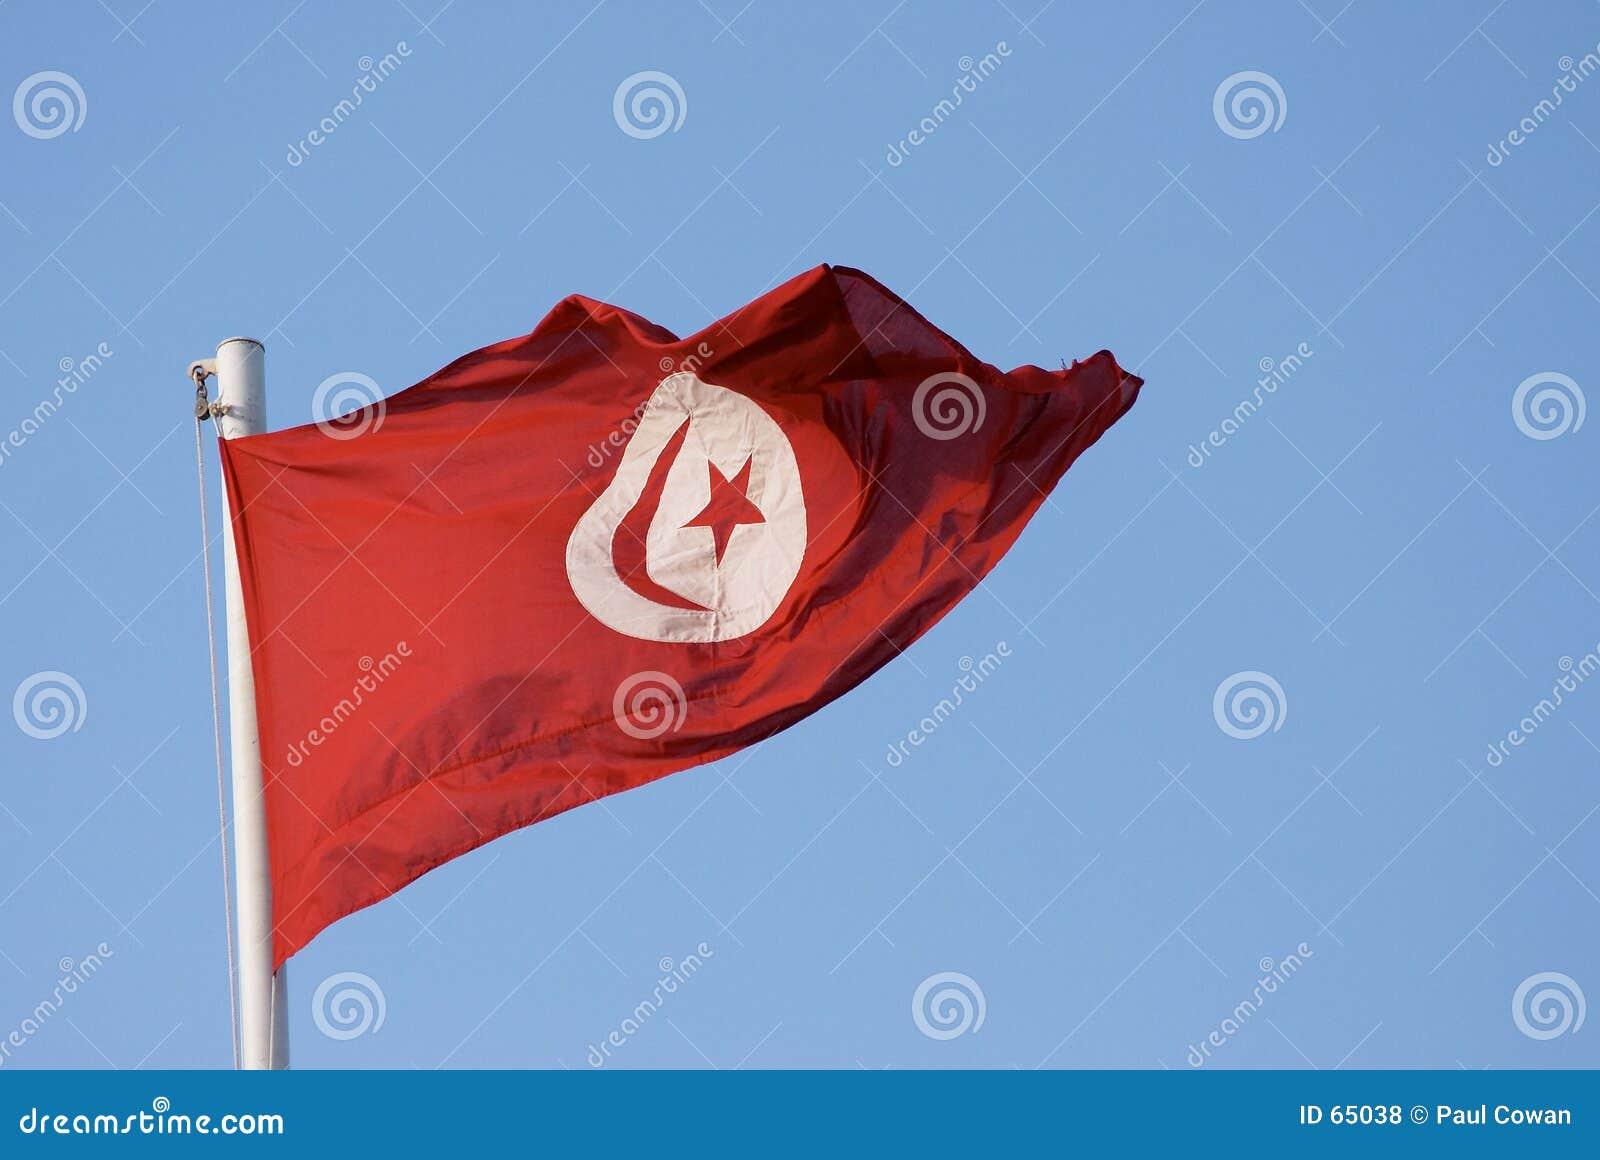 Indicador tunecino